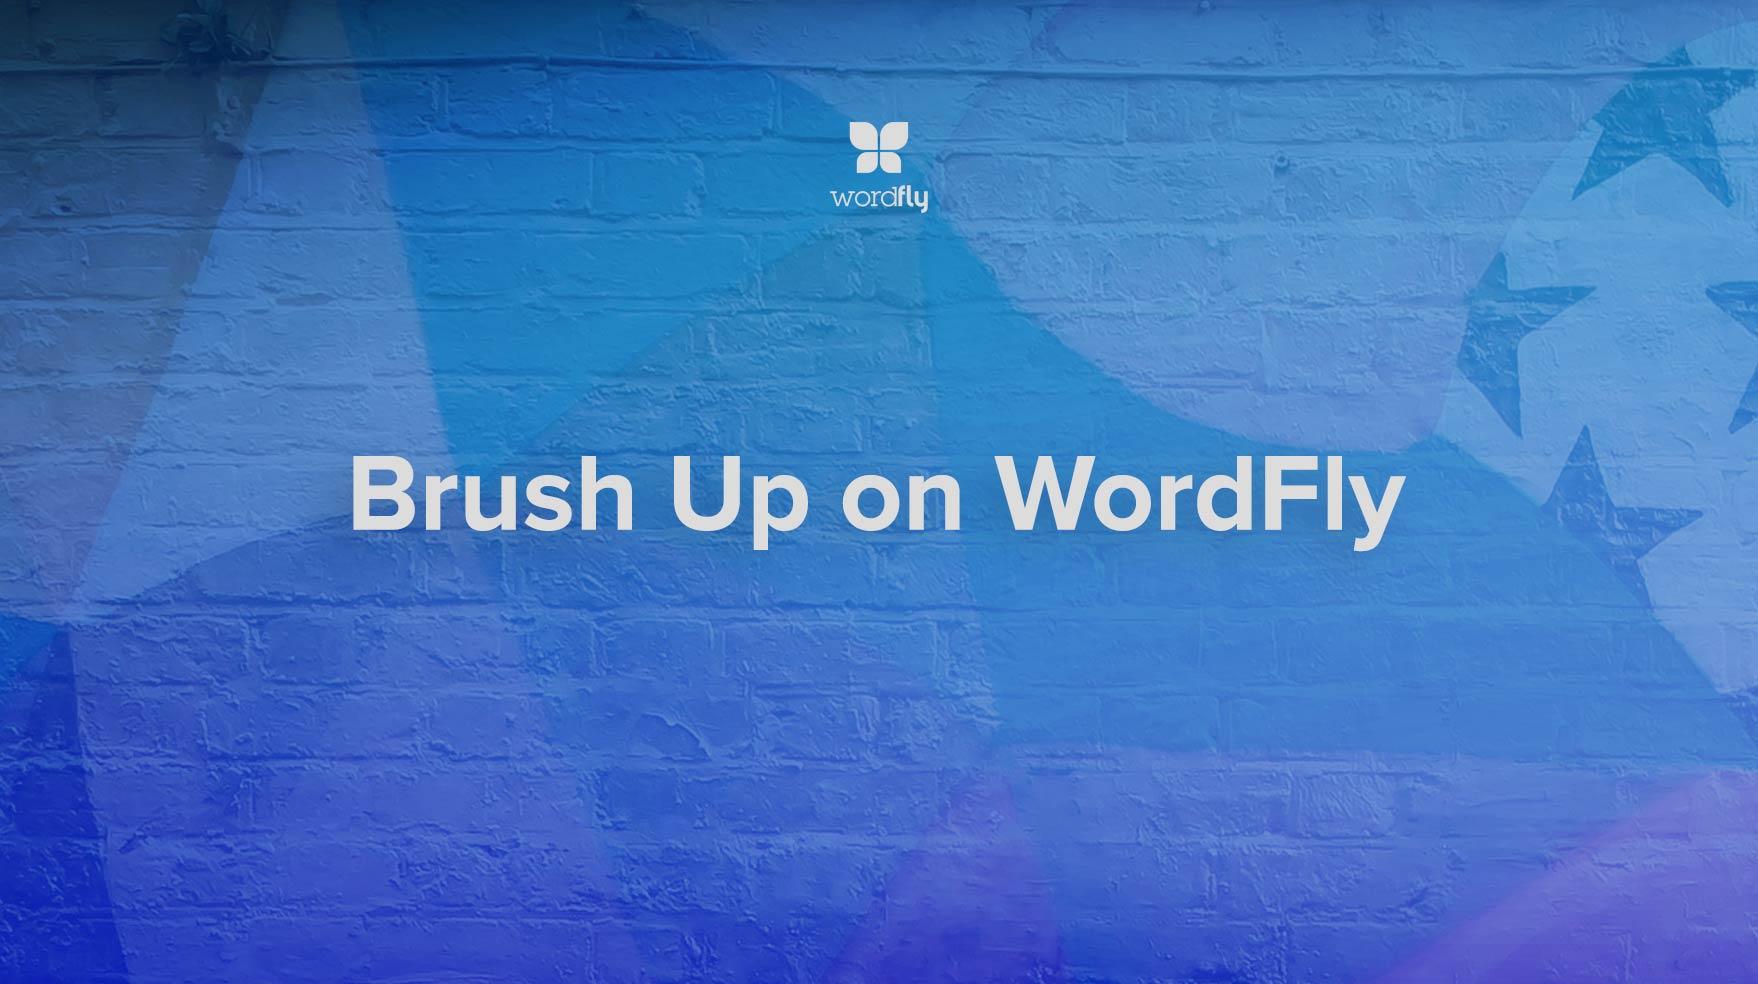 Brush up on WordFly